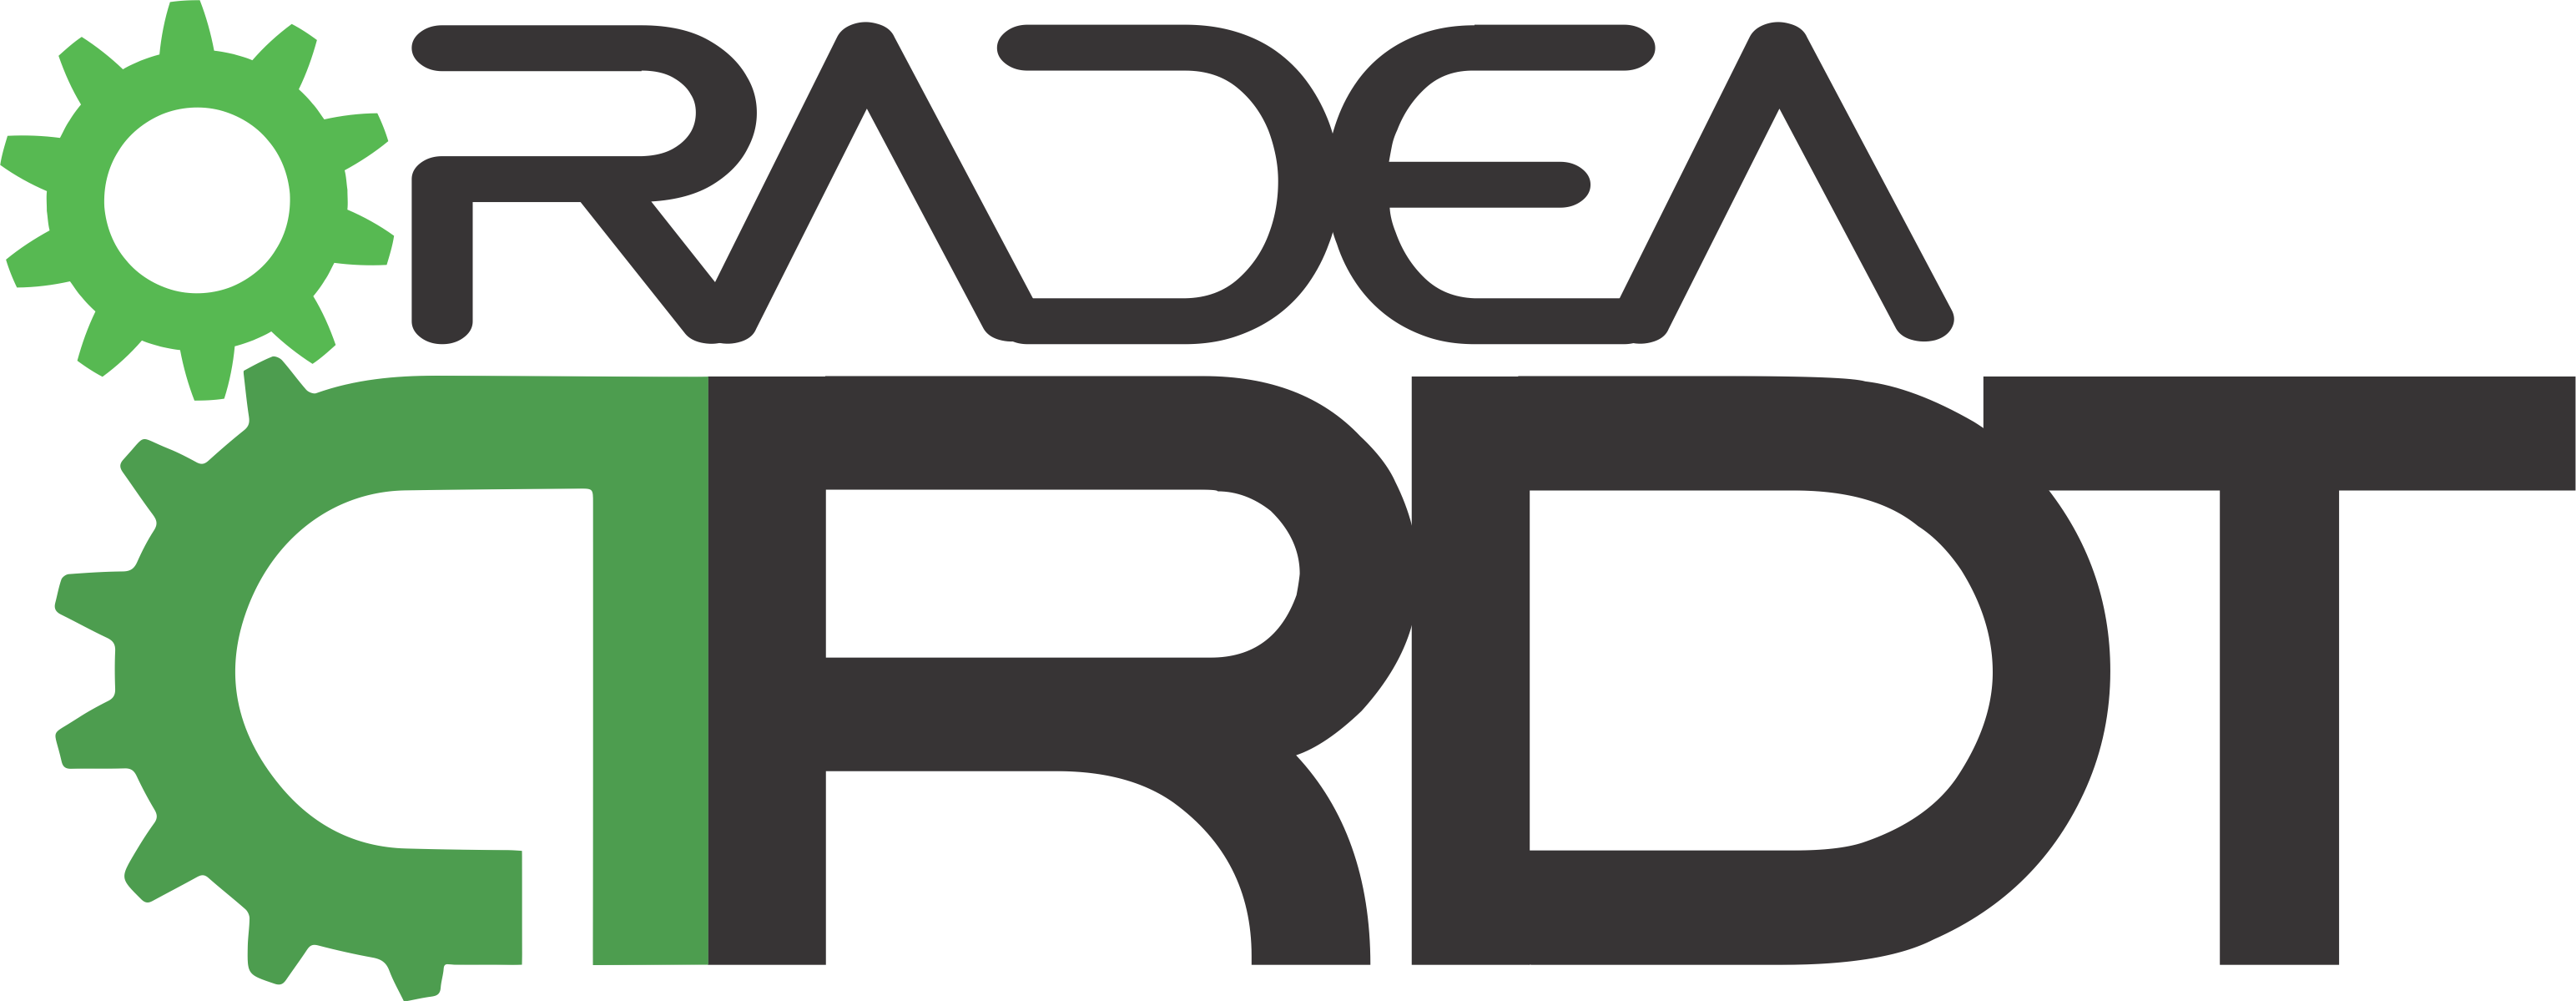 ARDT Oradea